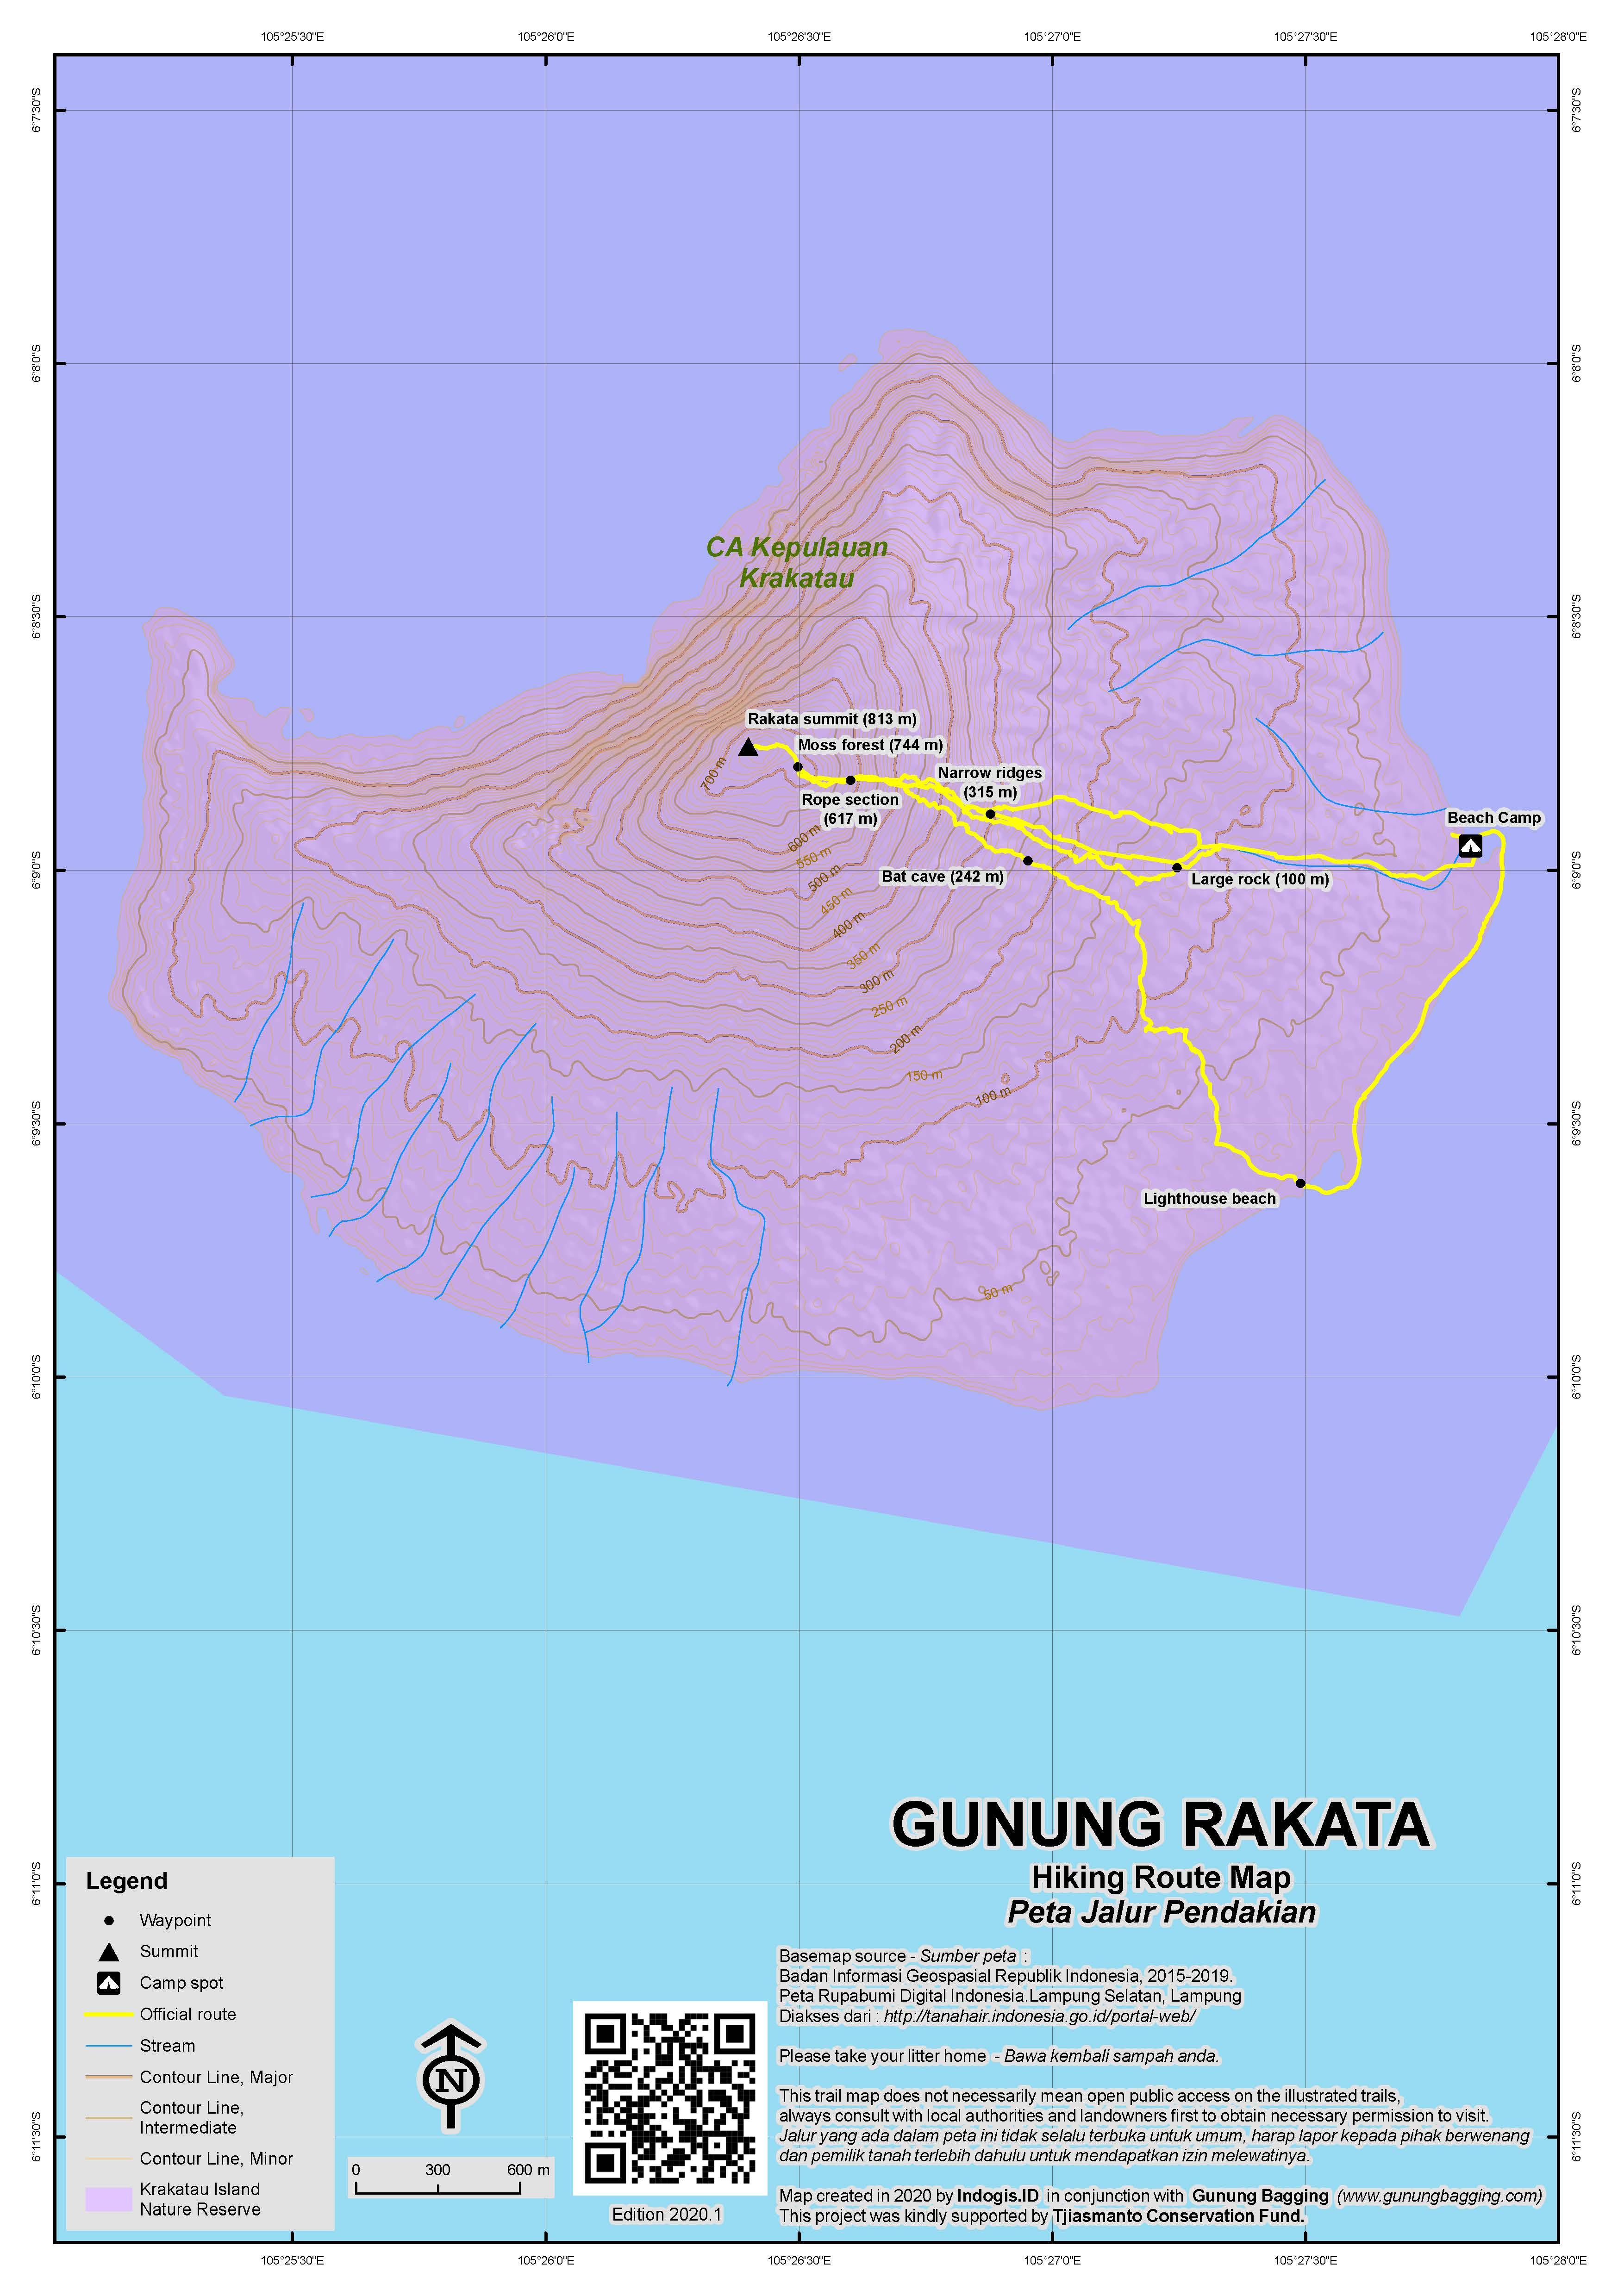 Peta Jalur Pendakian Gunung Rakata